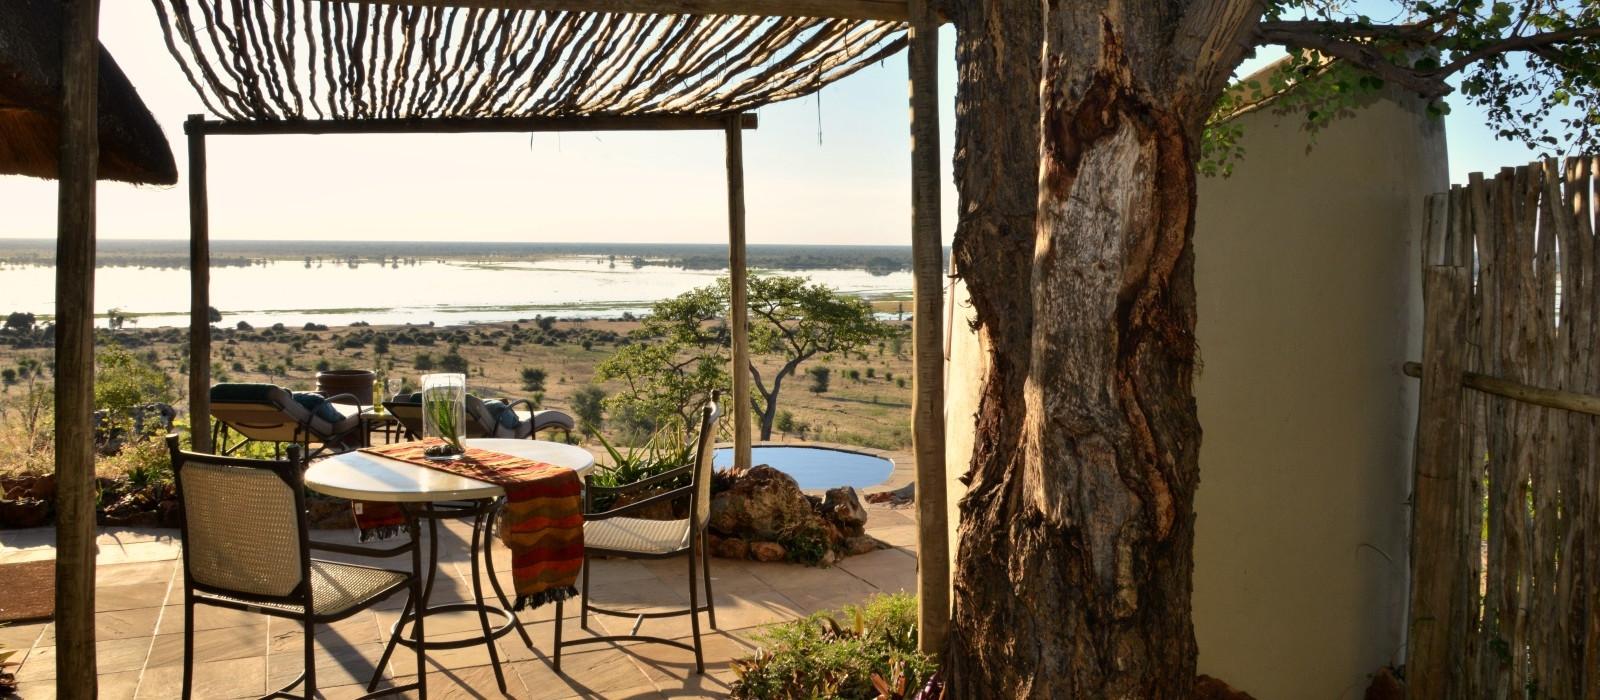 Hotel Ngoma Safari Lodge Botswana